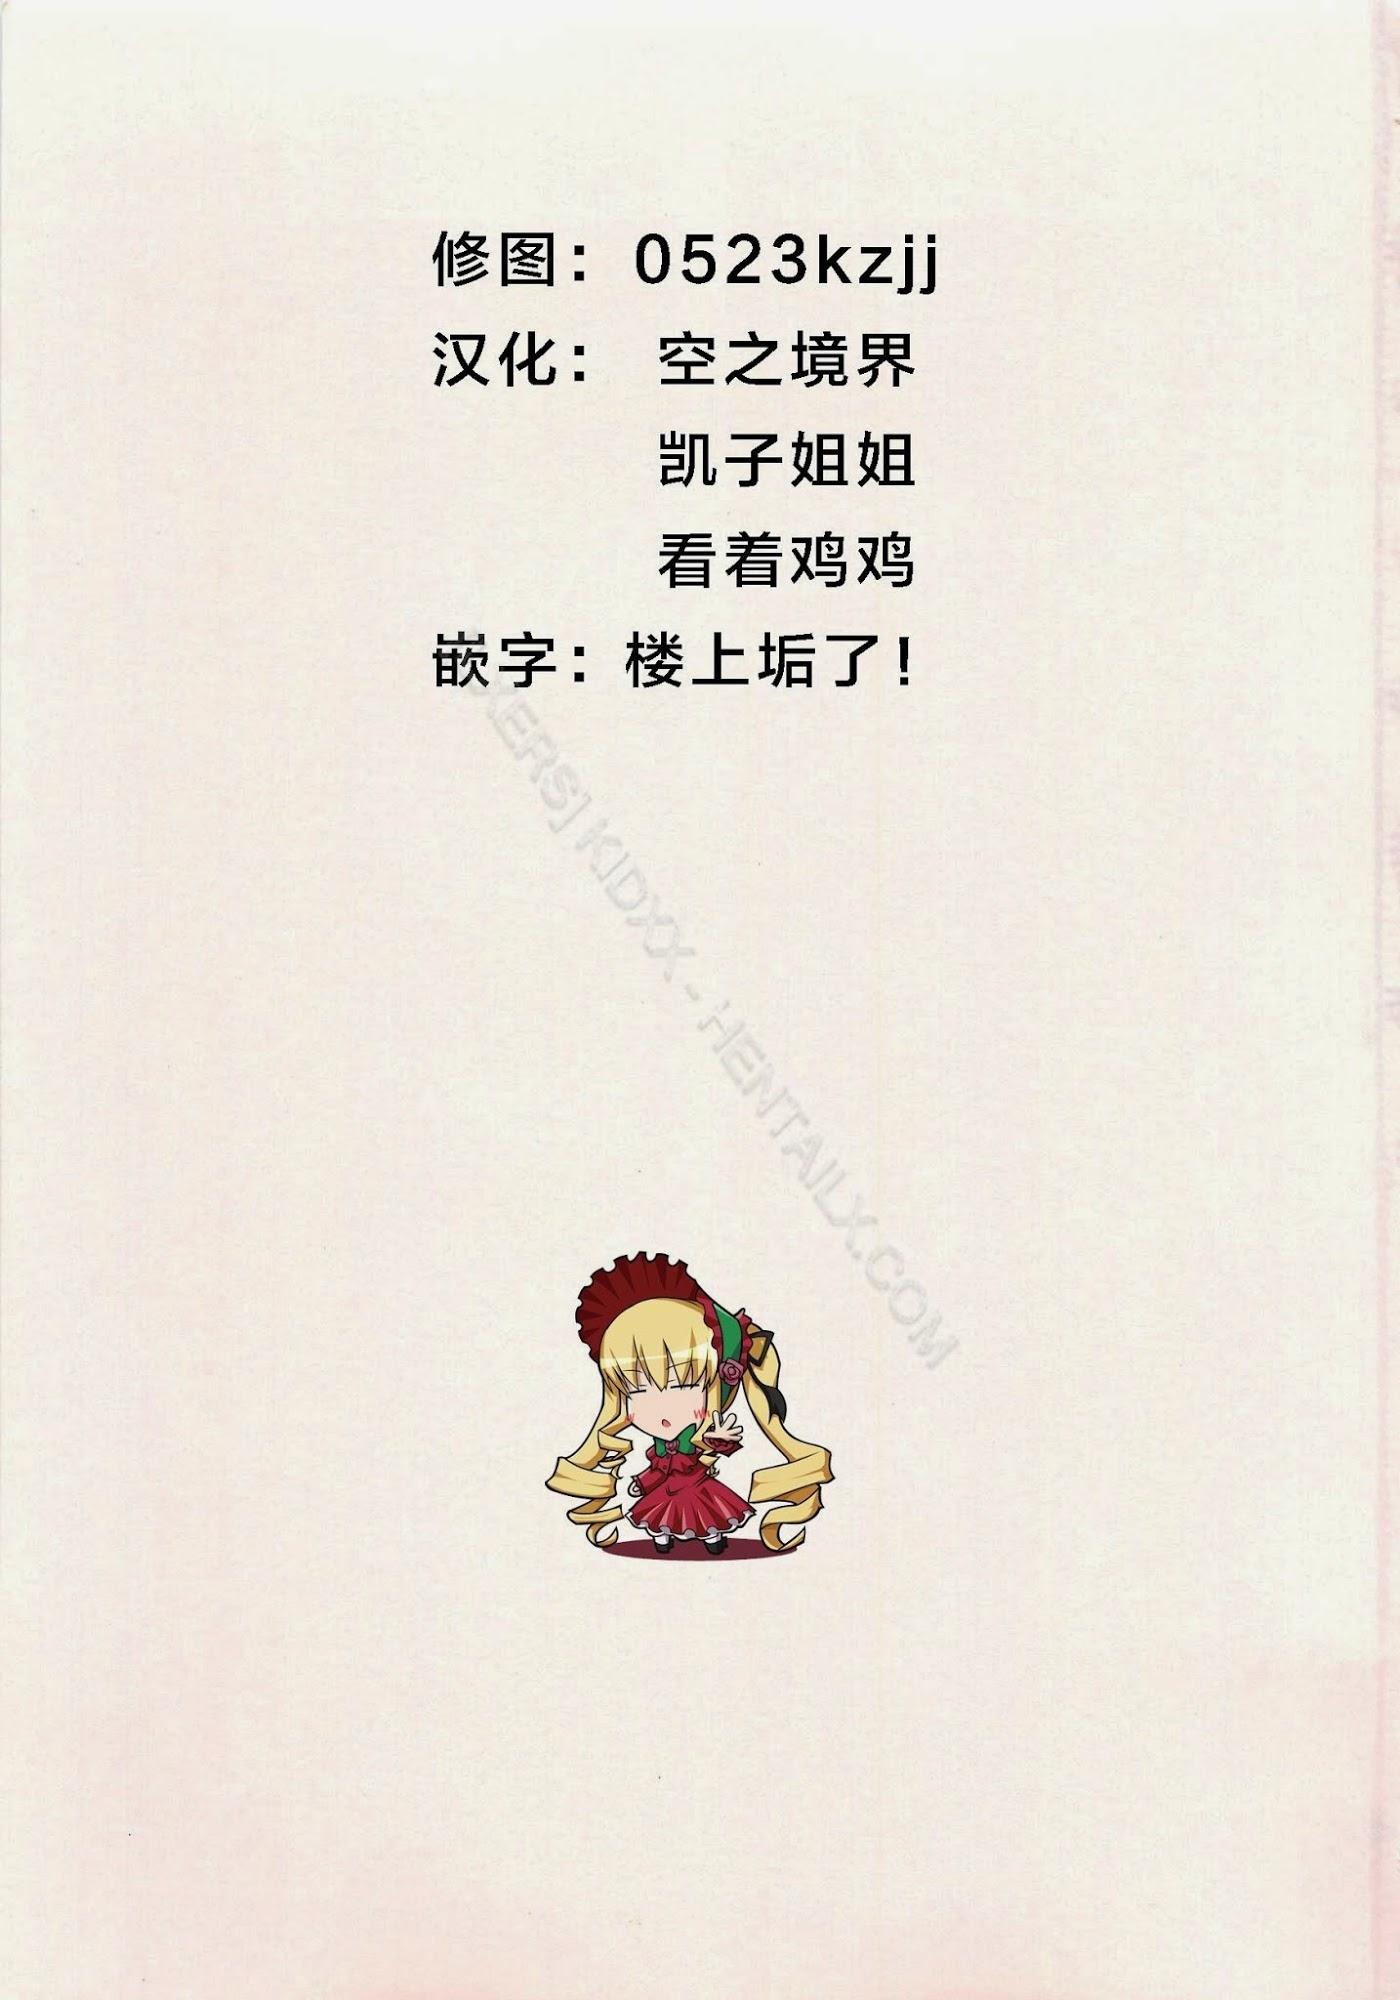 Hình ảnh Hinh_005 in Loạn Luân Phá trinh em gái ngực khủng